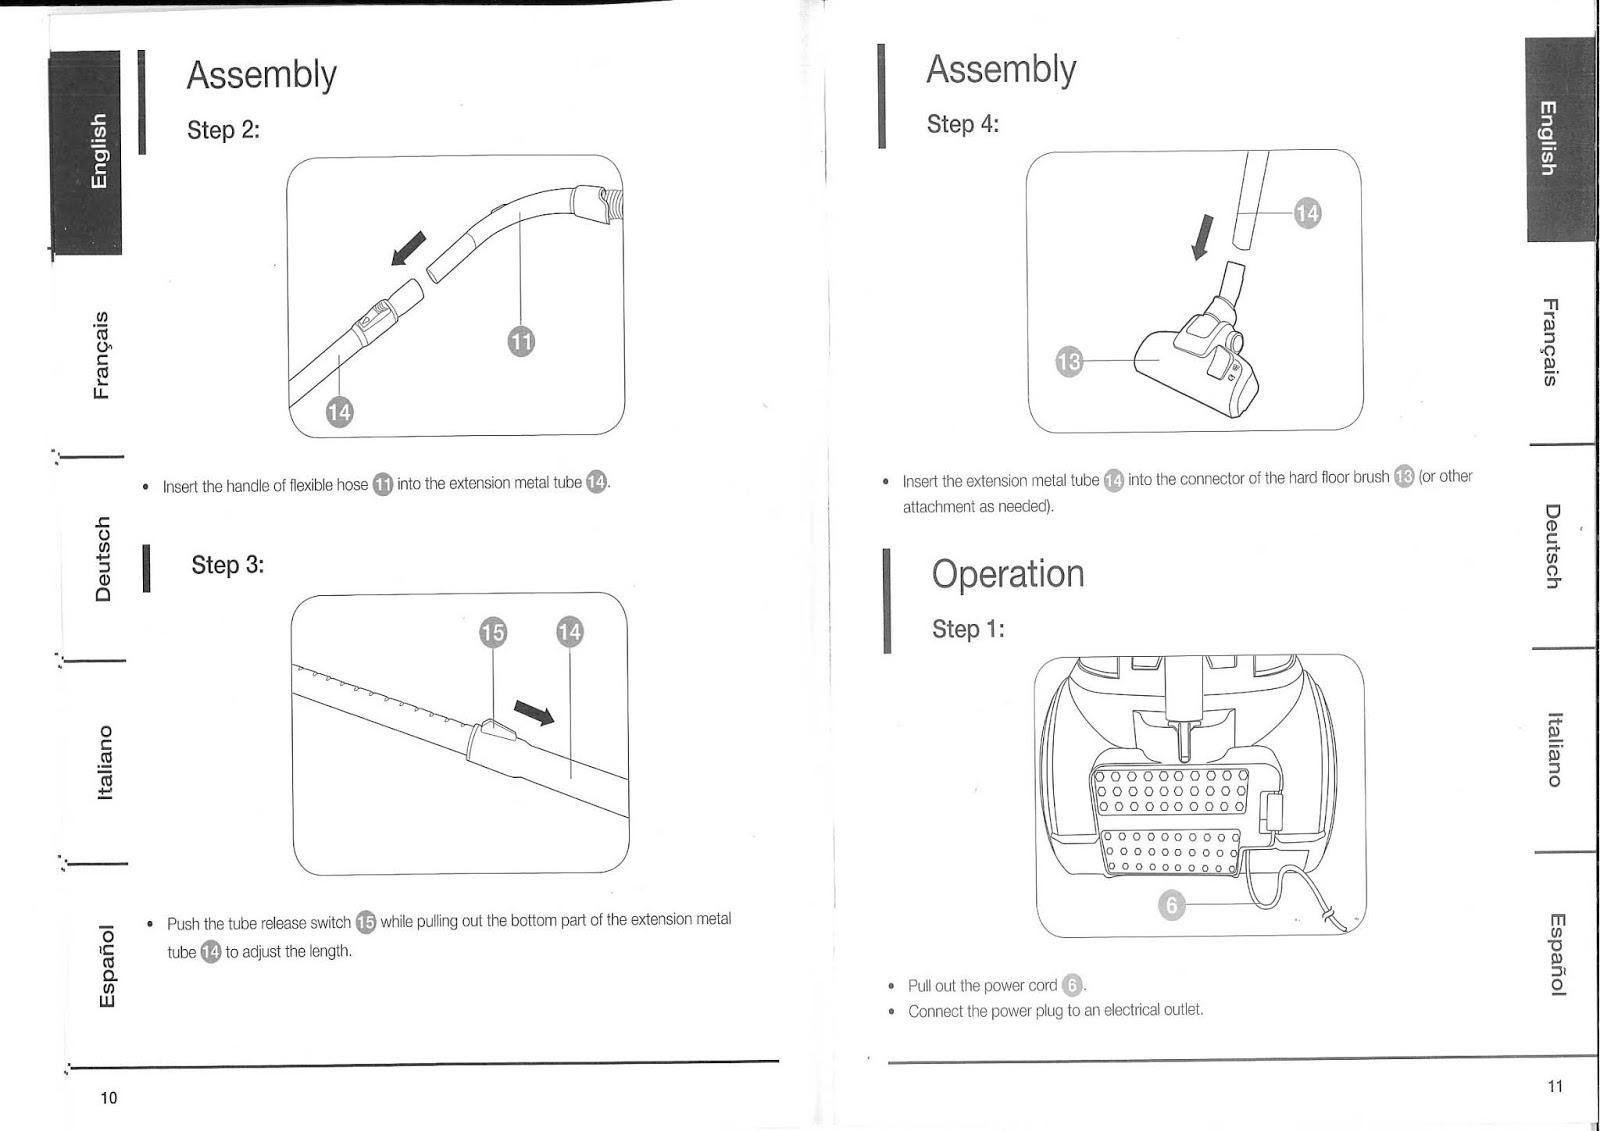 Amazon Basics Bagless Cylinder Vacuum Cleaner